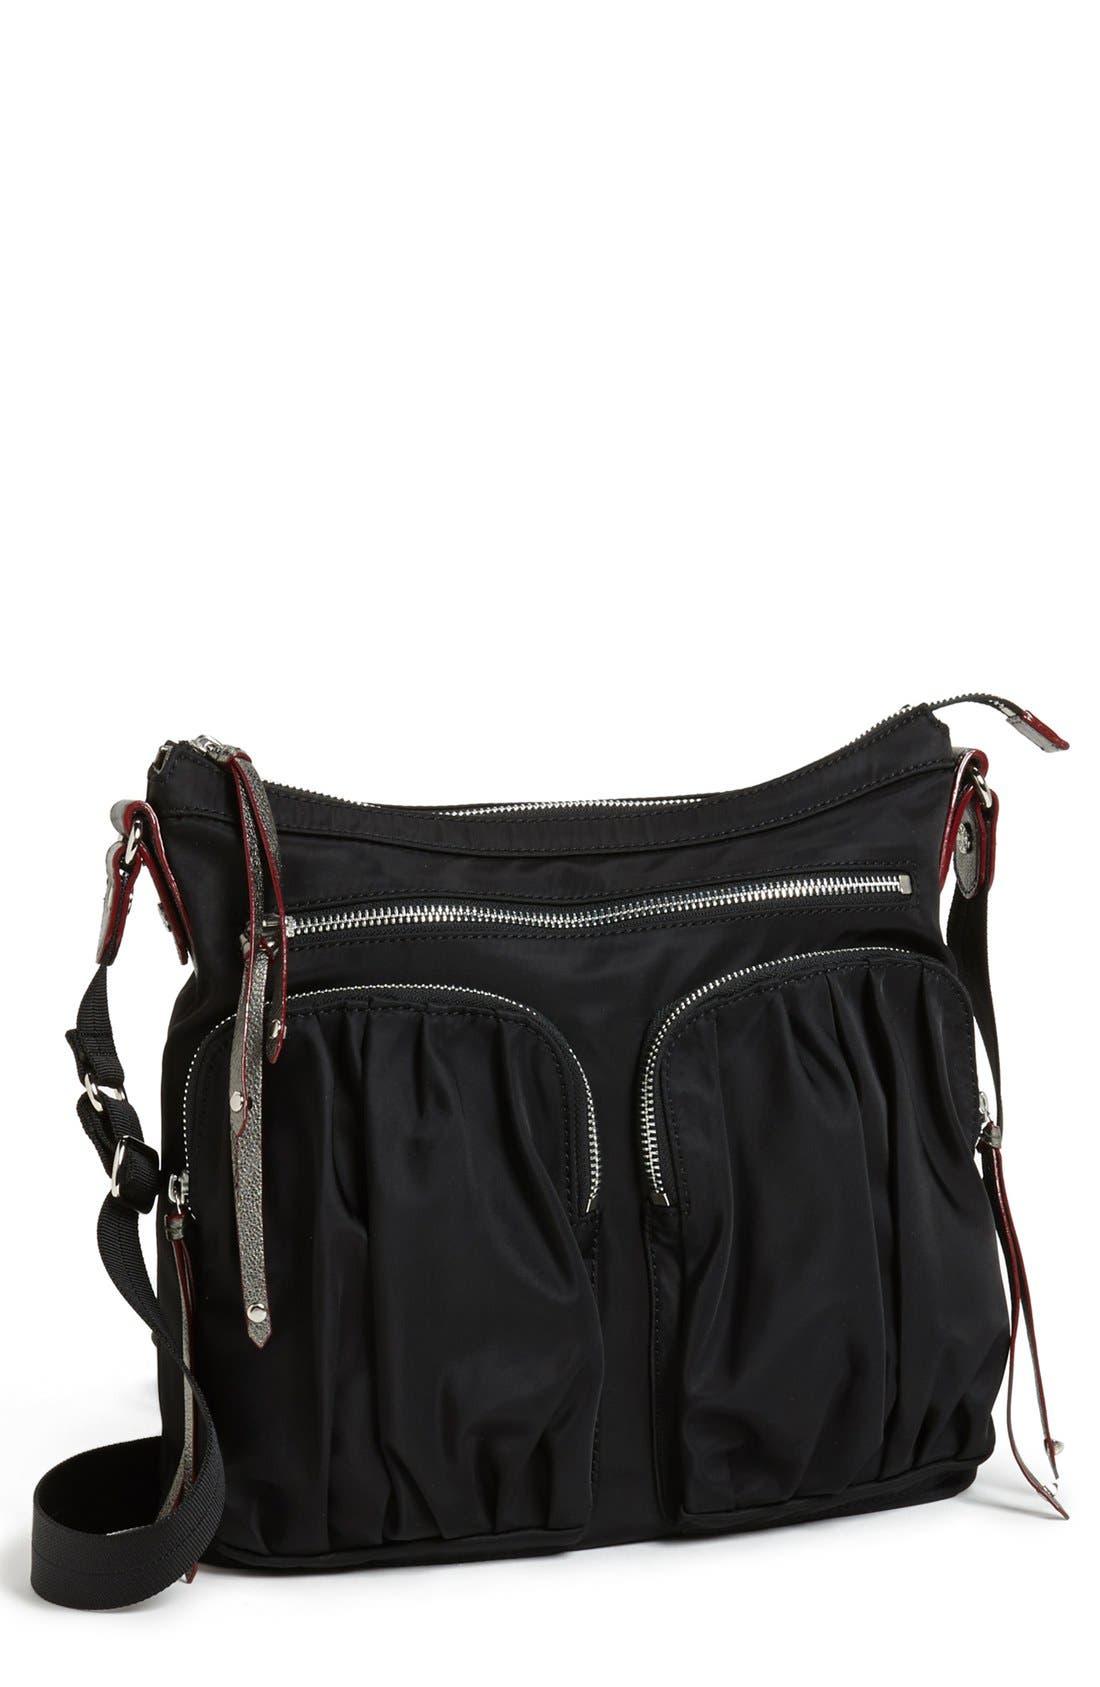 Main Image - MZ Wallace 'Mia' Bedford Nylon Crossbody Bag